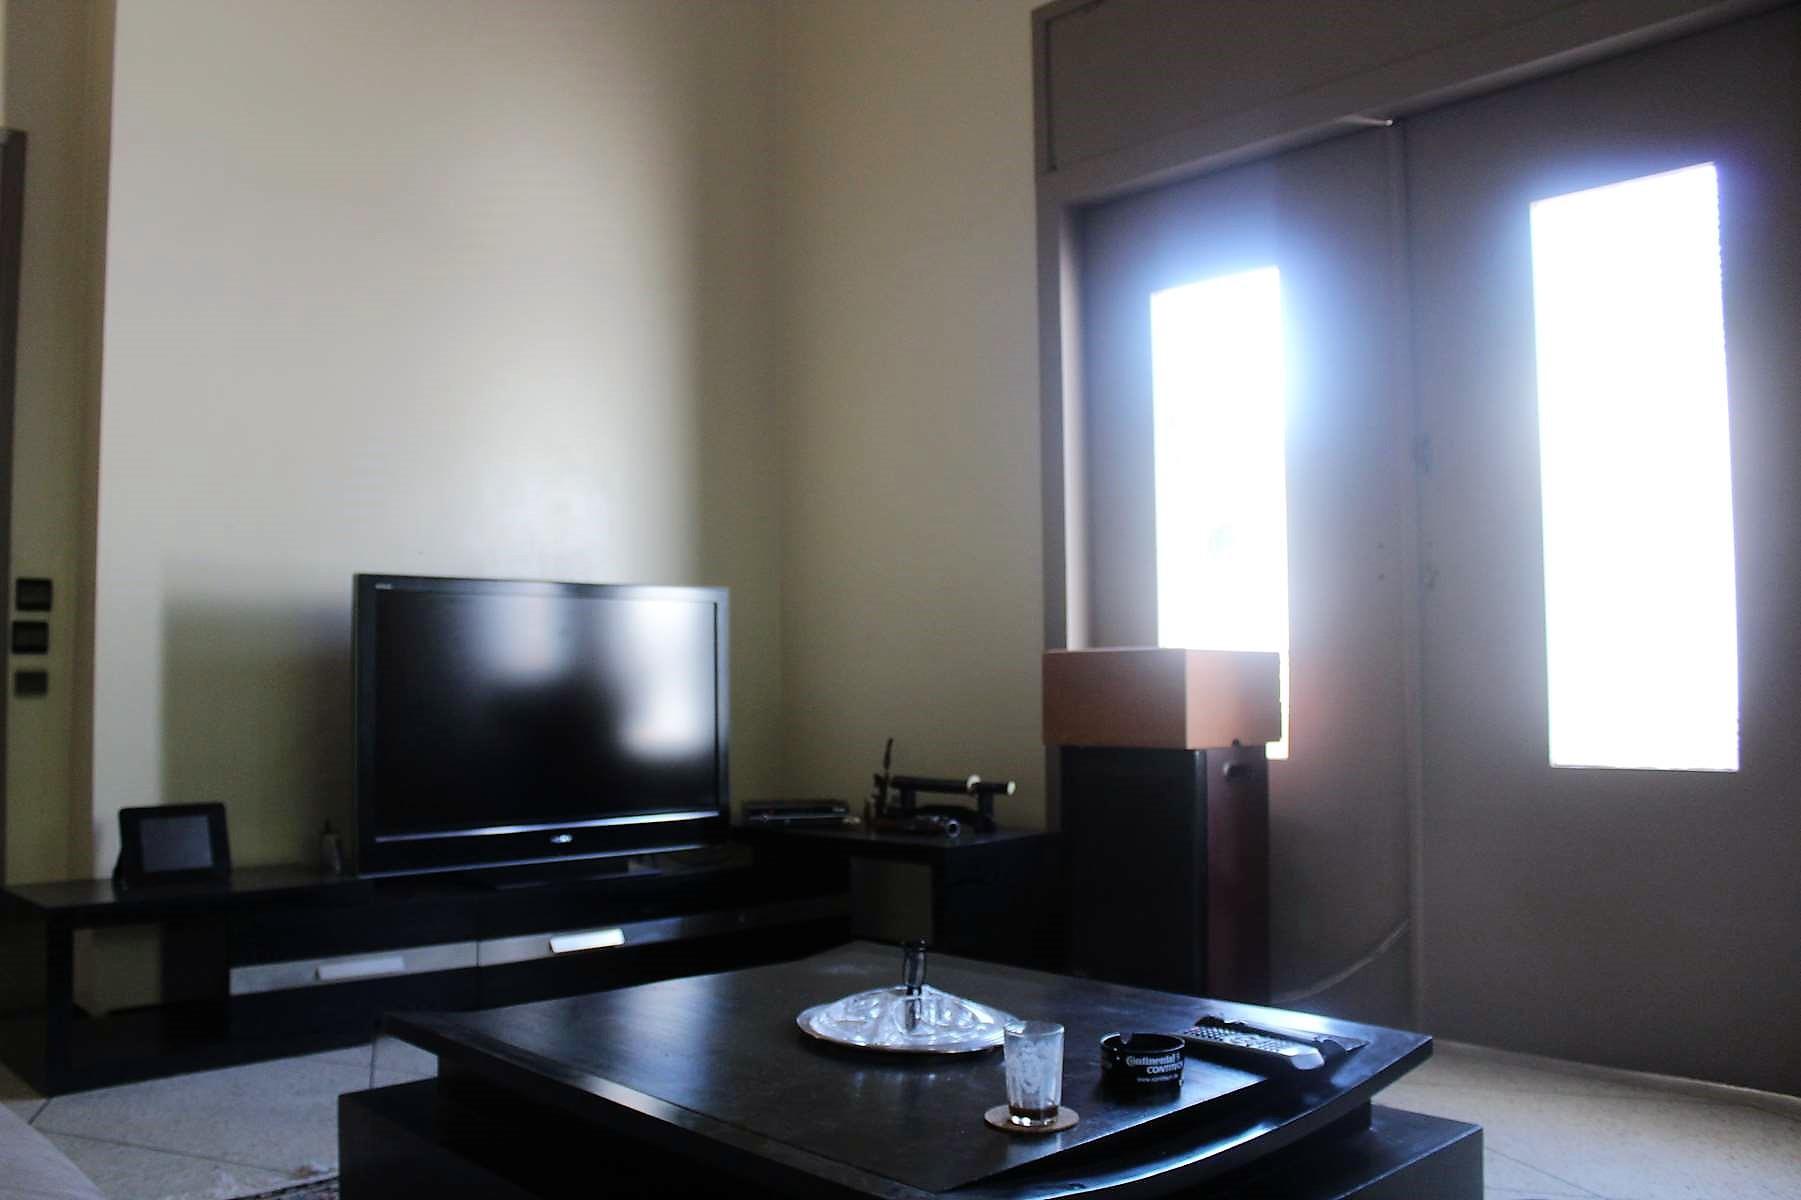 Maroc, Casablanca, vente d'appartement de 131 m² lumineux, au 4ème étage à Bourgogne